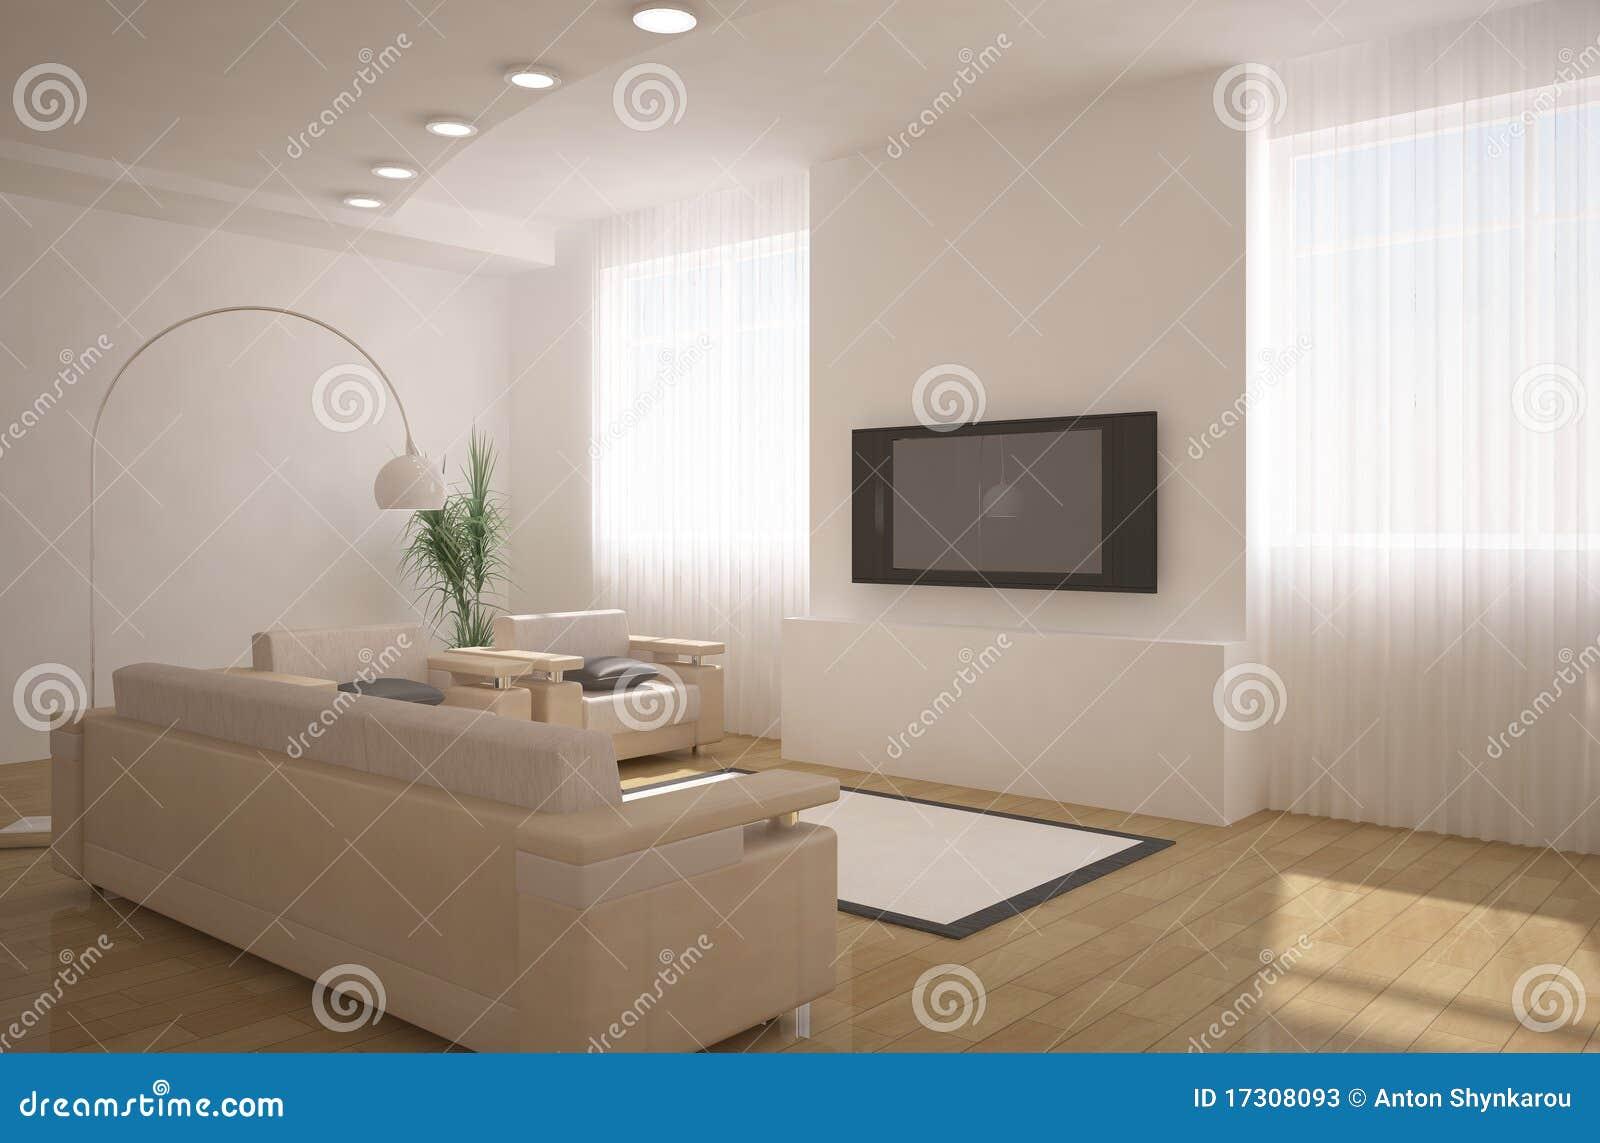 Innenarchitektur 3d mit fernsehapparat auf einer wand